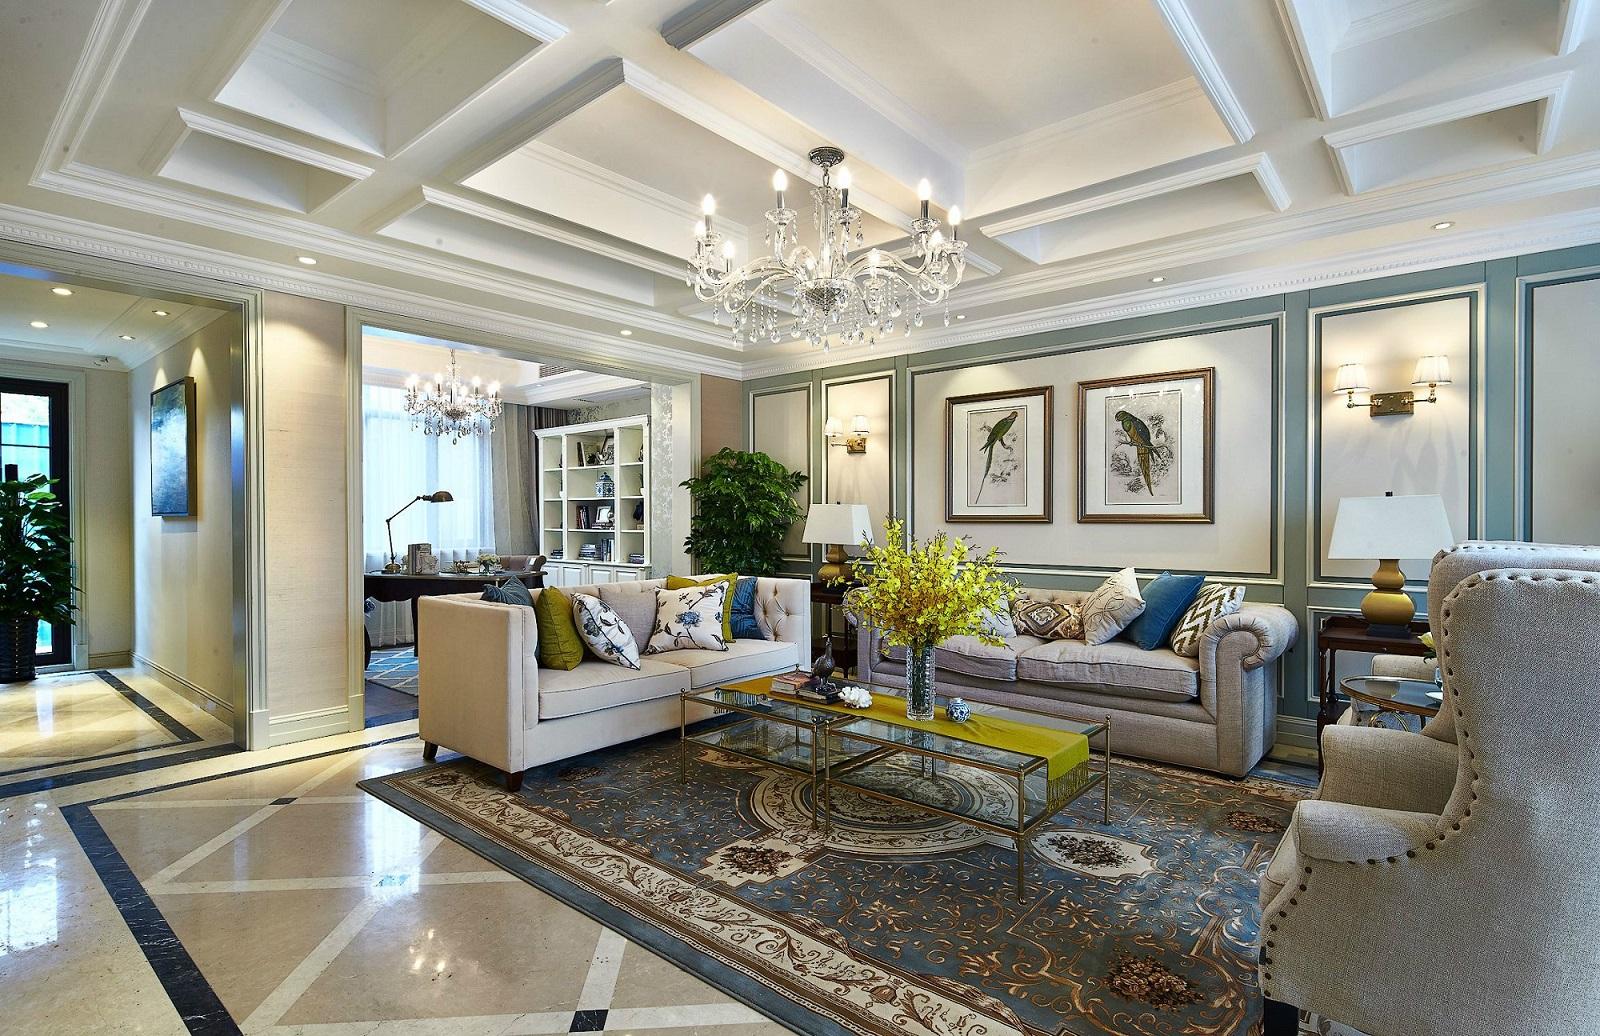 放眼整個客廳給人清新靚麗的視覺感受,凹凸式吊頂讓室內頗有立體感。